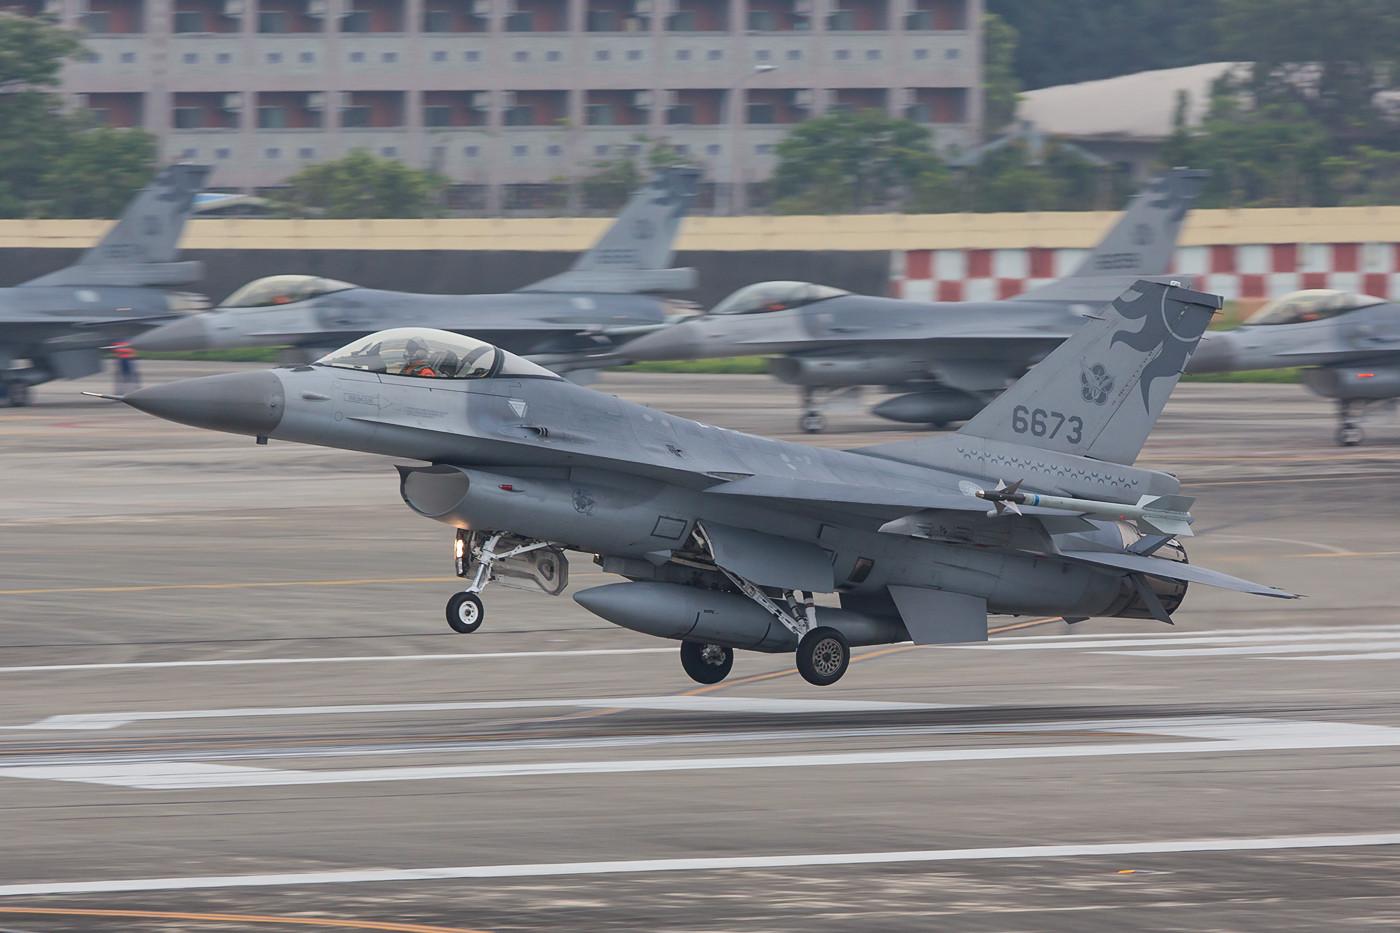 Die 6673 gehört zur 26th TFW, einer von drei Frontline-Staffeln, die in Hualien zuhause sind.